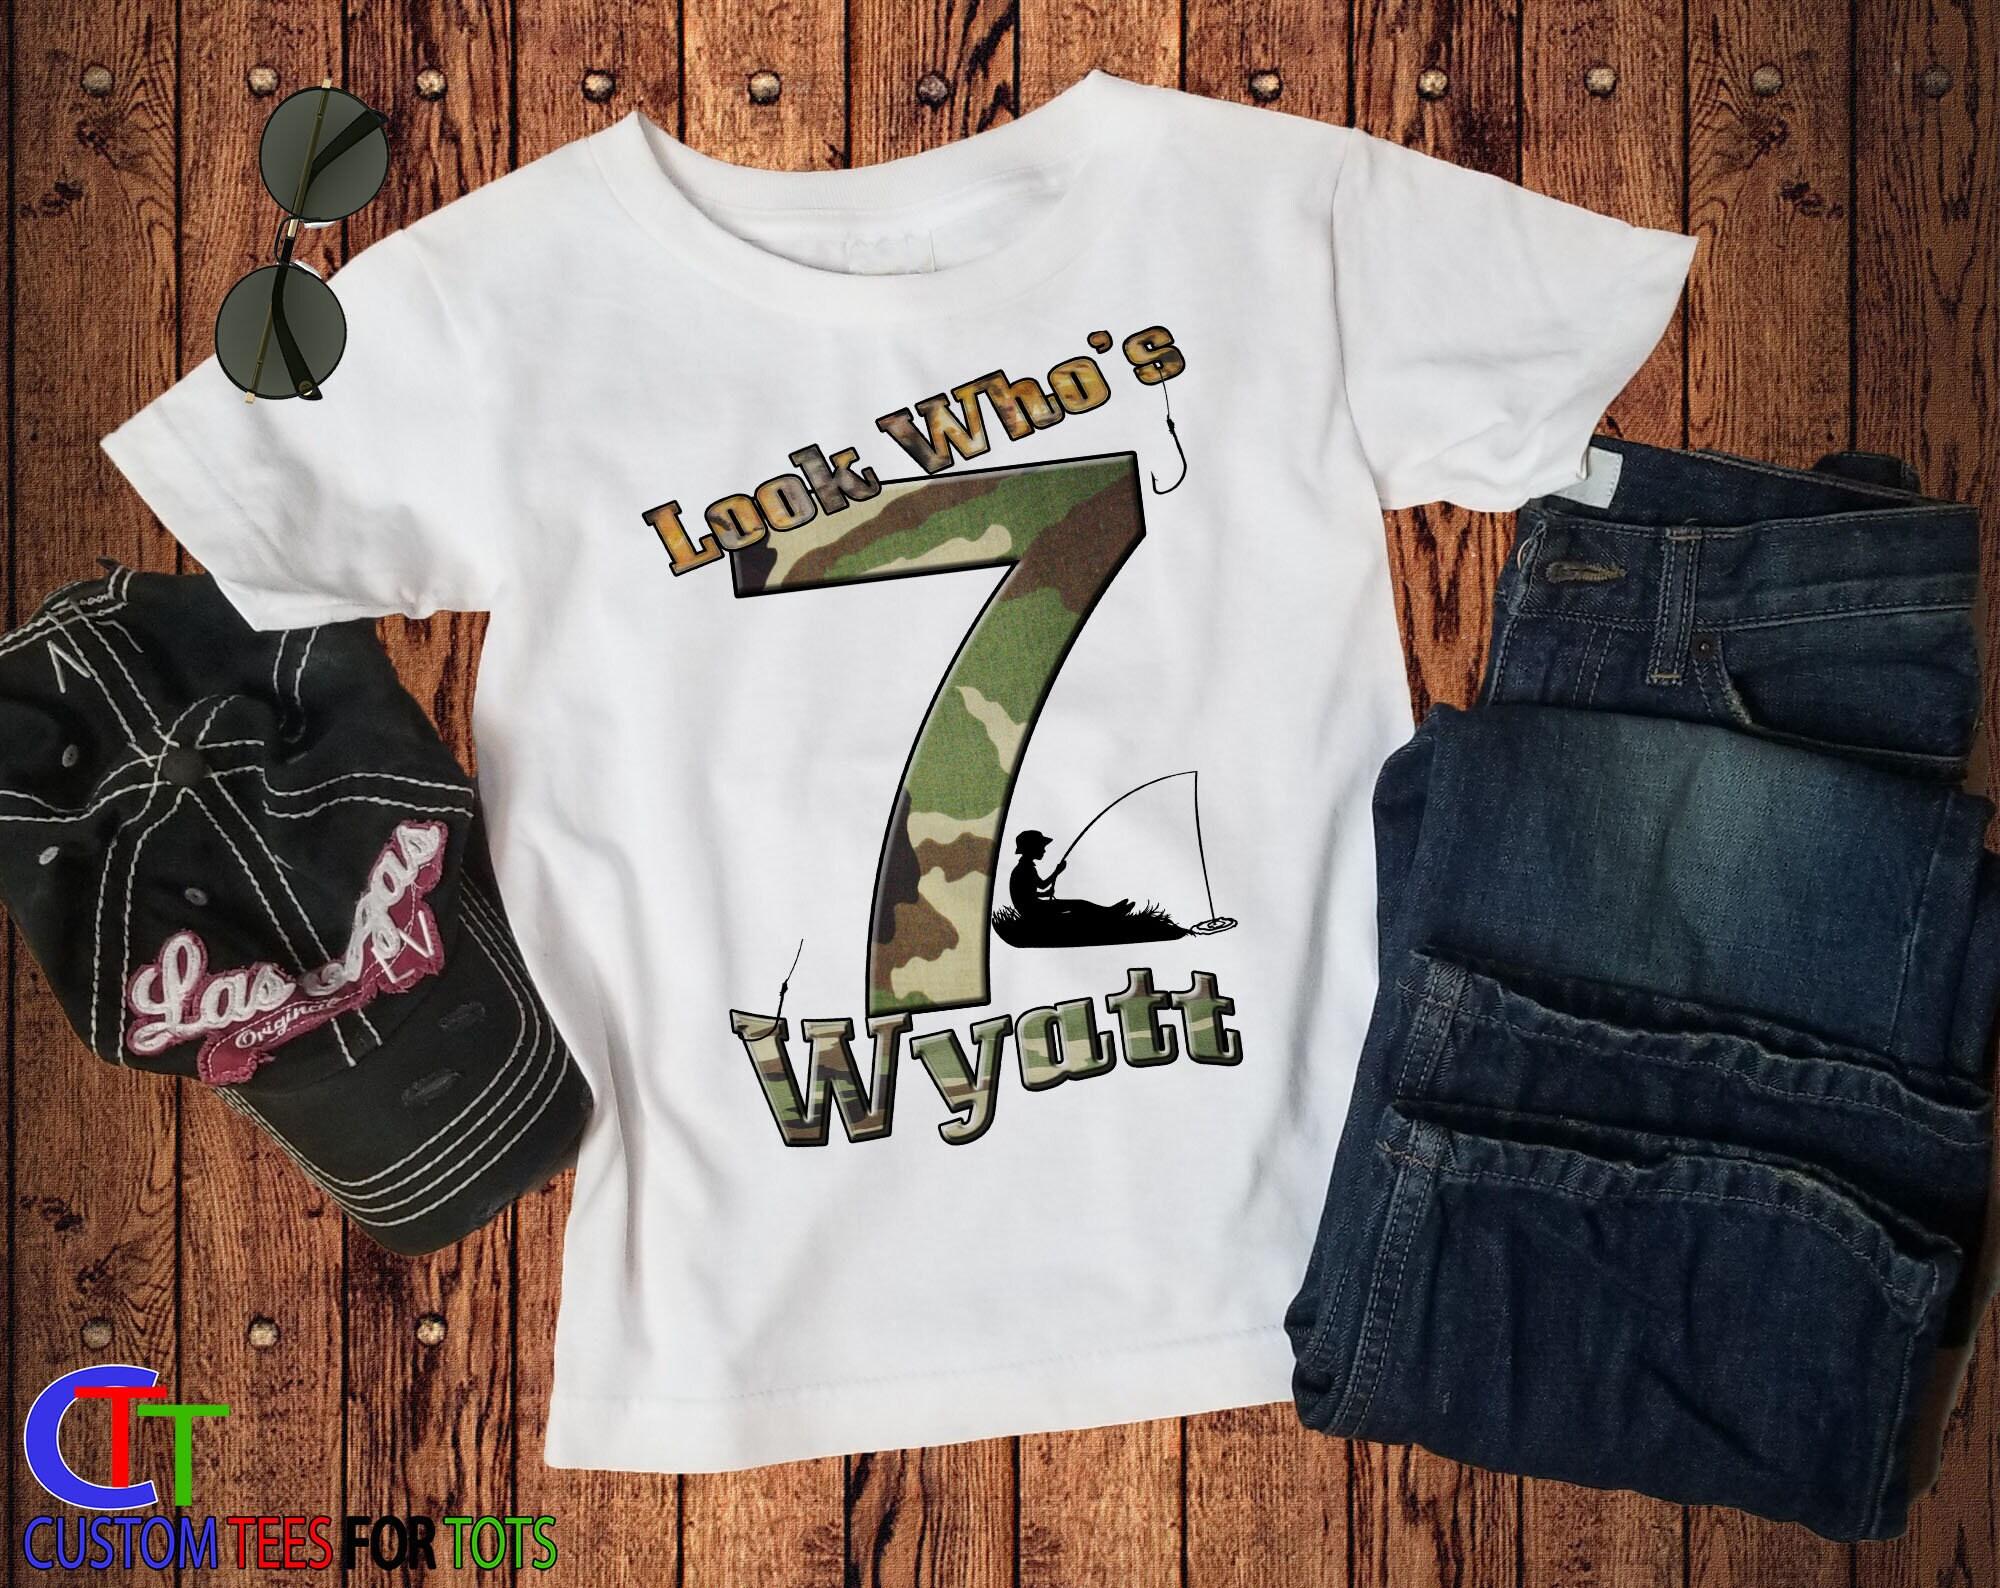 75bad2b4 Camo Fisherman Birthday shirt - Personalized Fishing Birthday Shirt ...